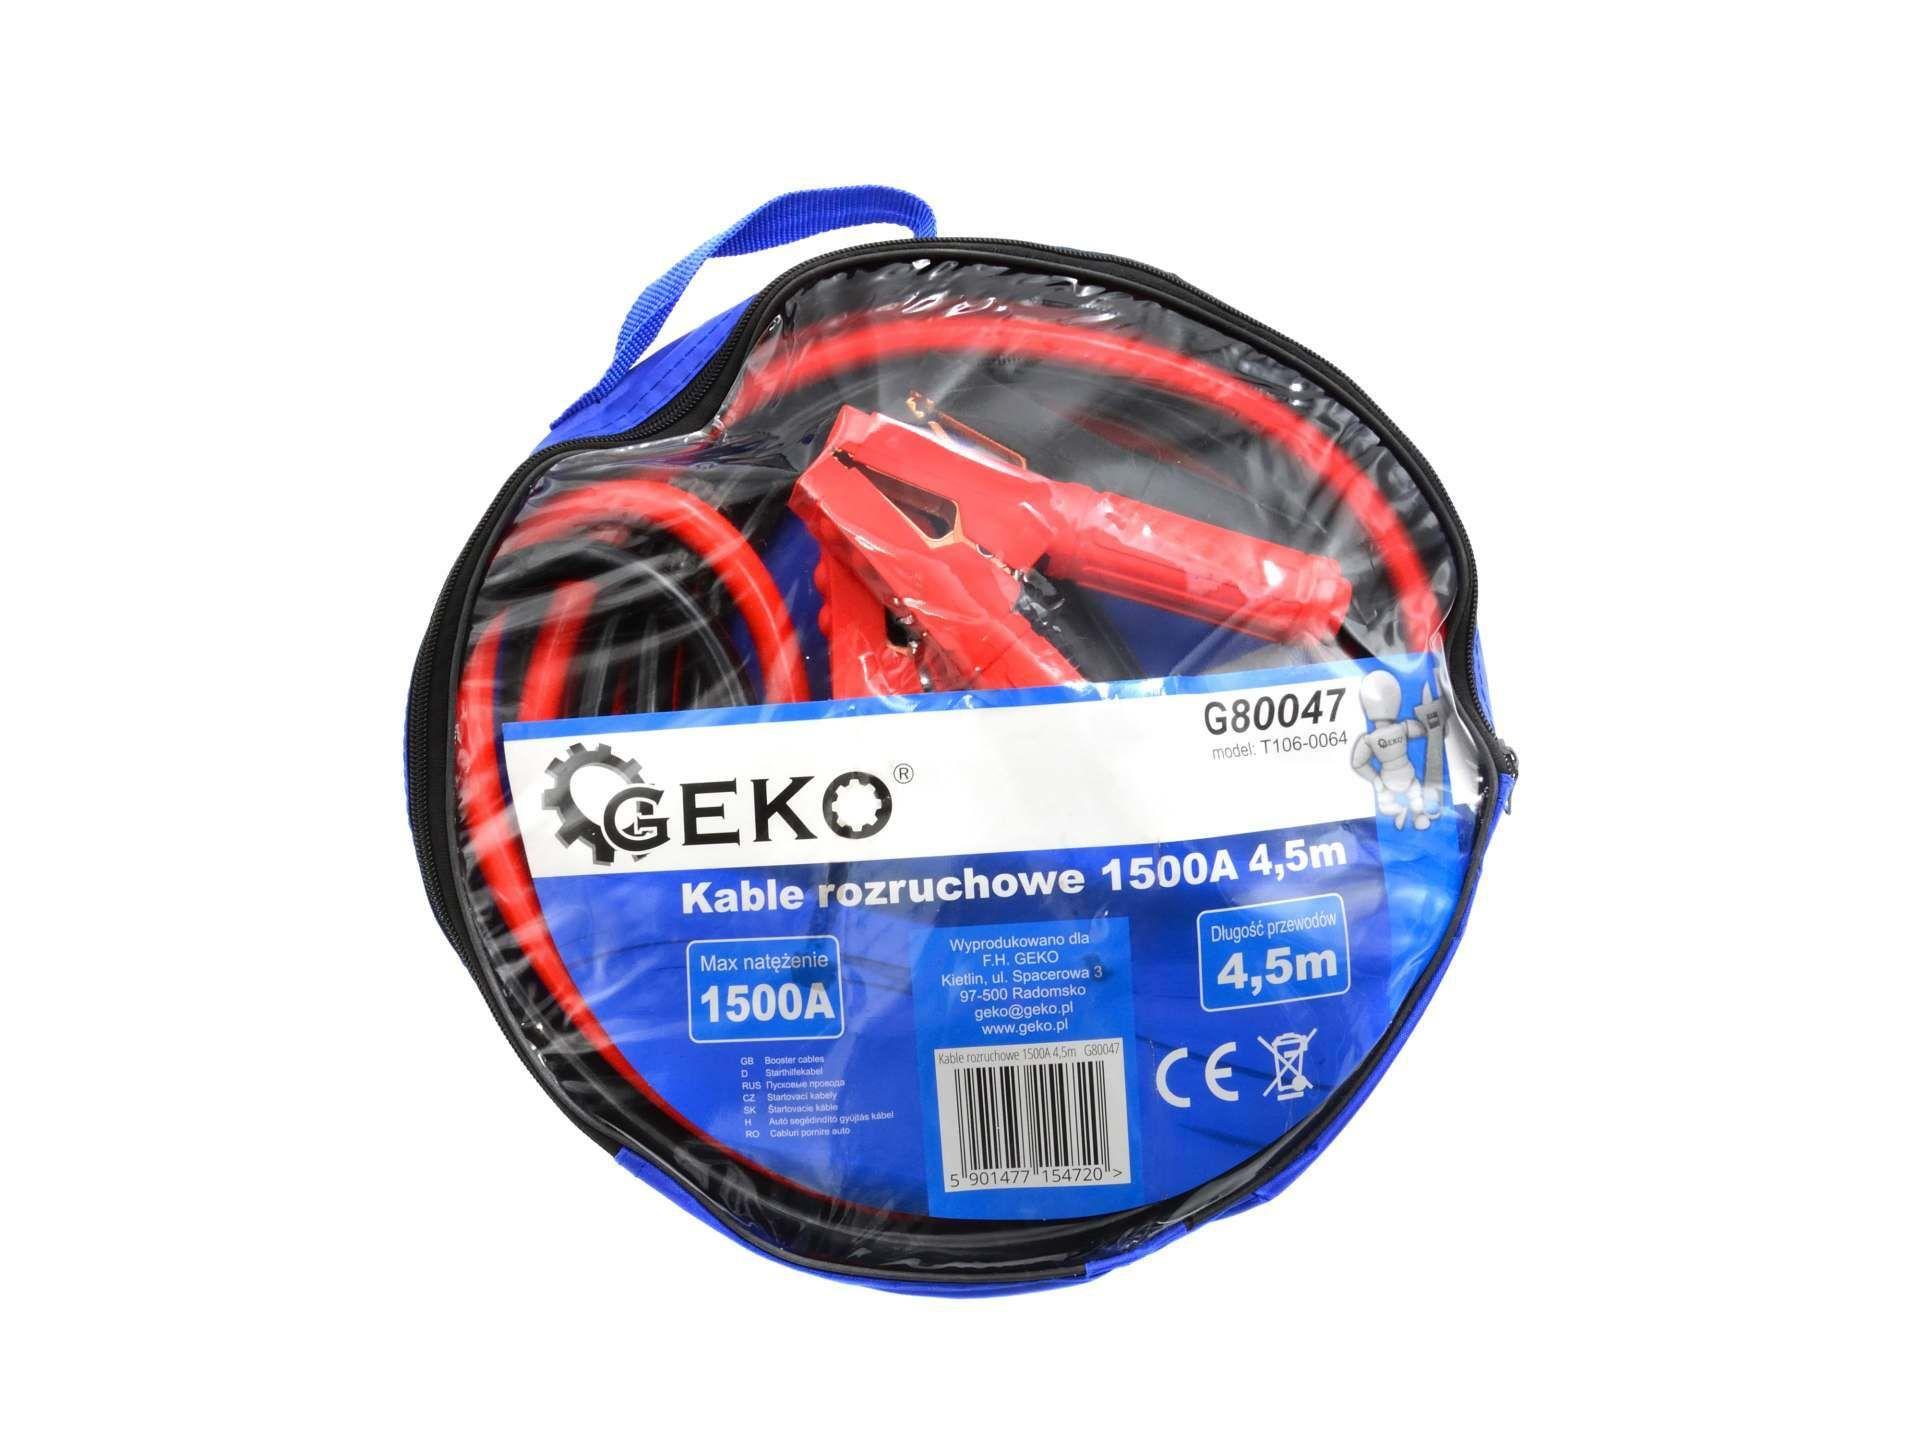 GEKO G80047 Startovací kabely 1500A / 4,5m